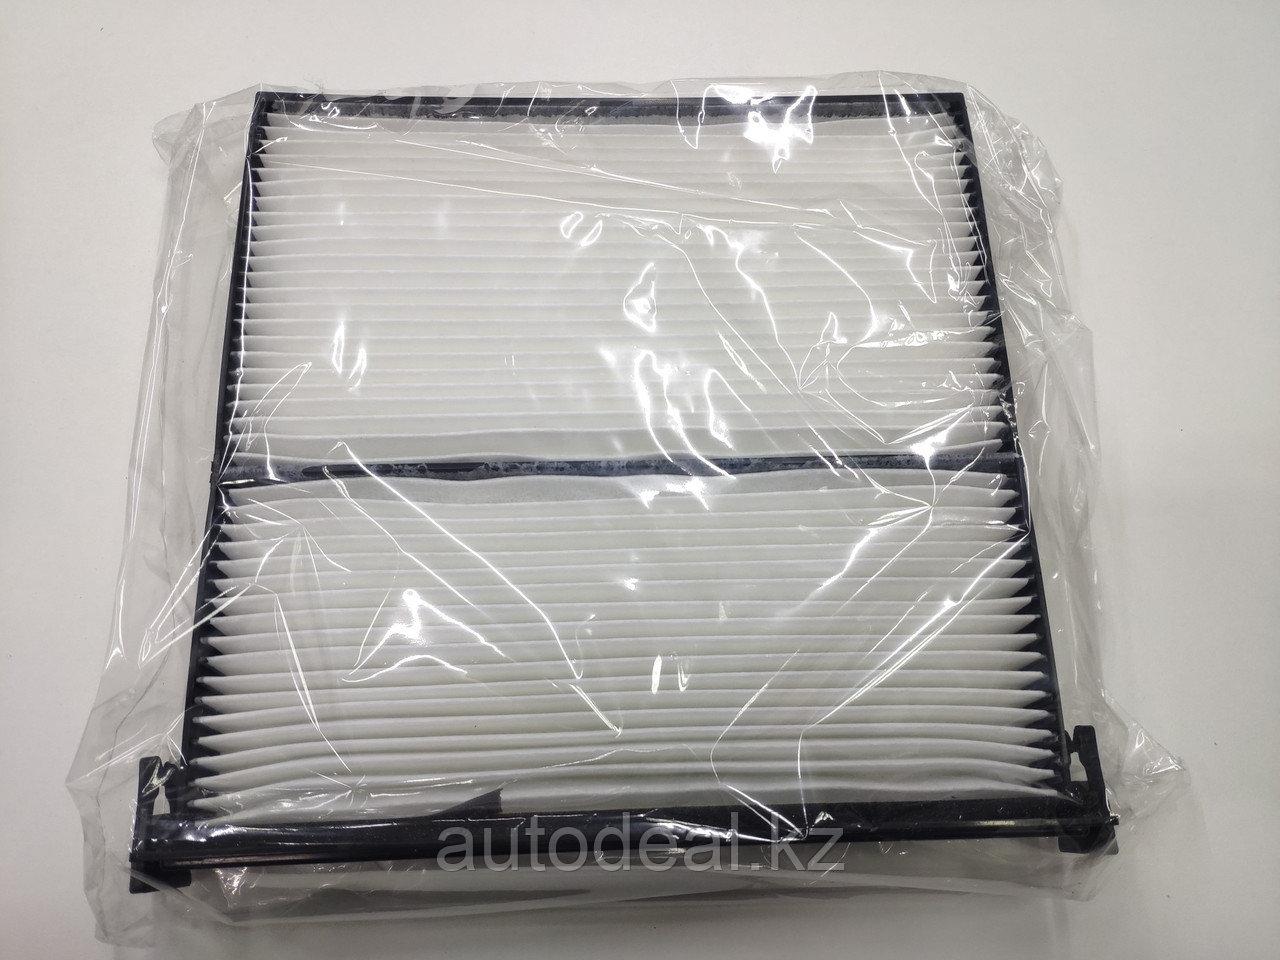 Фильтр салонный Geely GC6/MK/MK Cross с корпусом / Cabin air filter